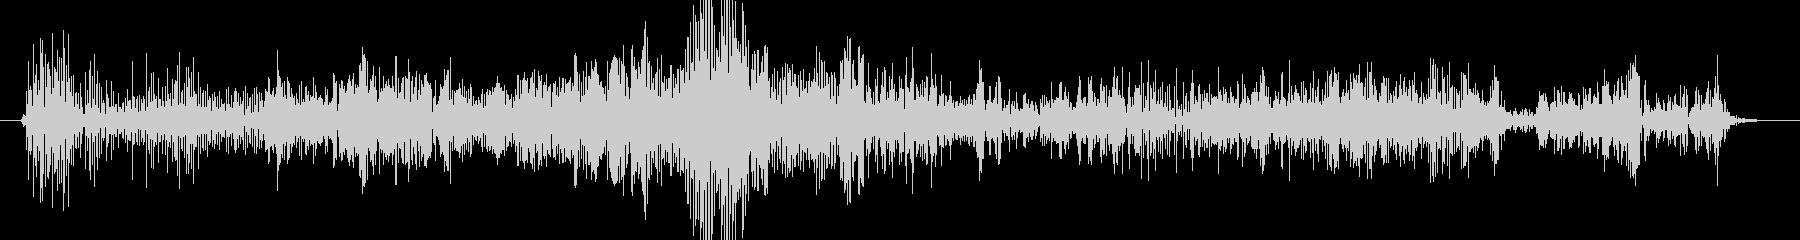 ノイズ ランブルグリッチロング02の未再生の波形